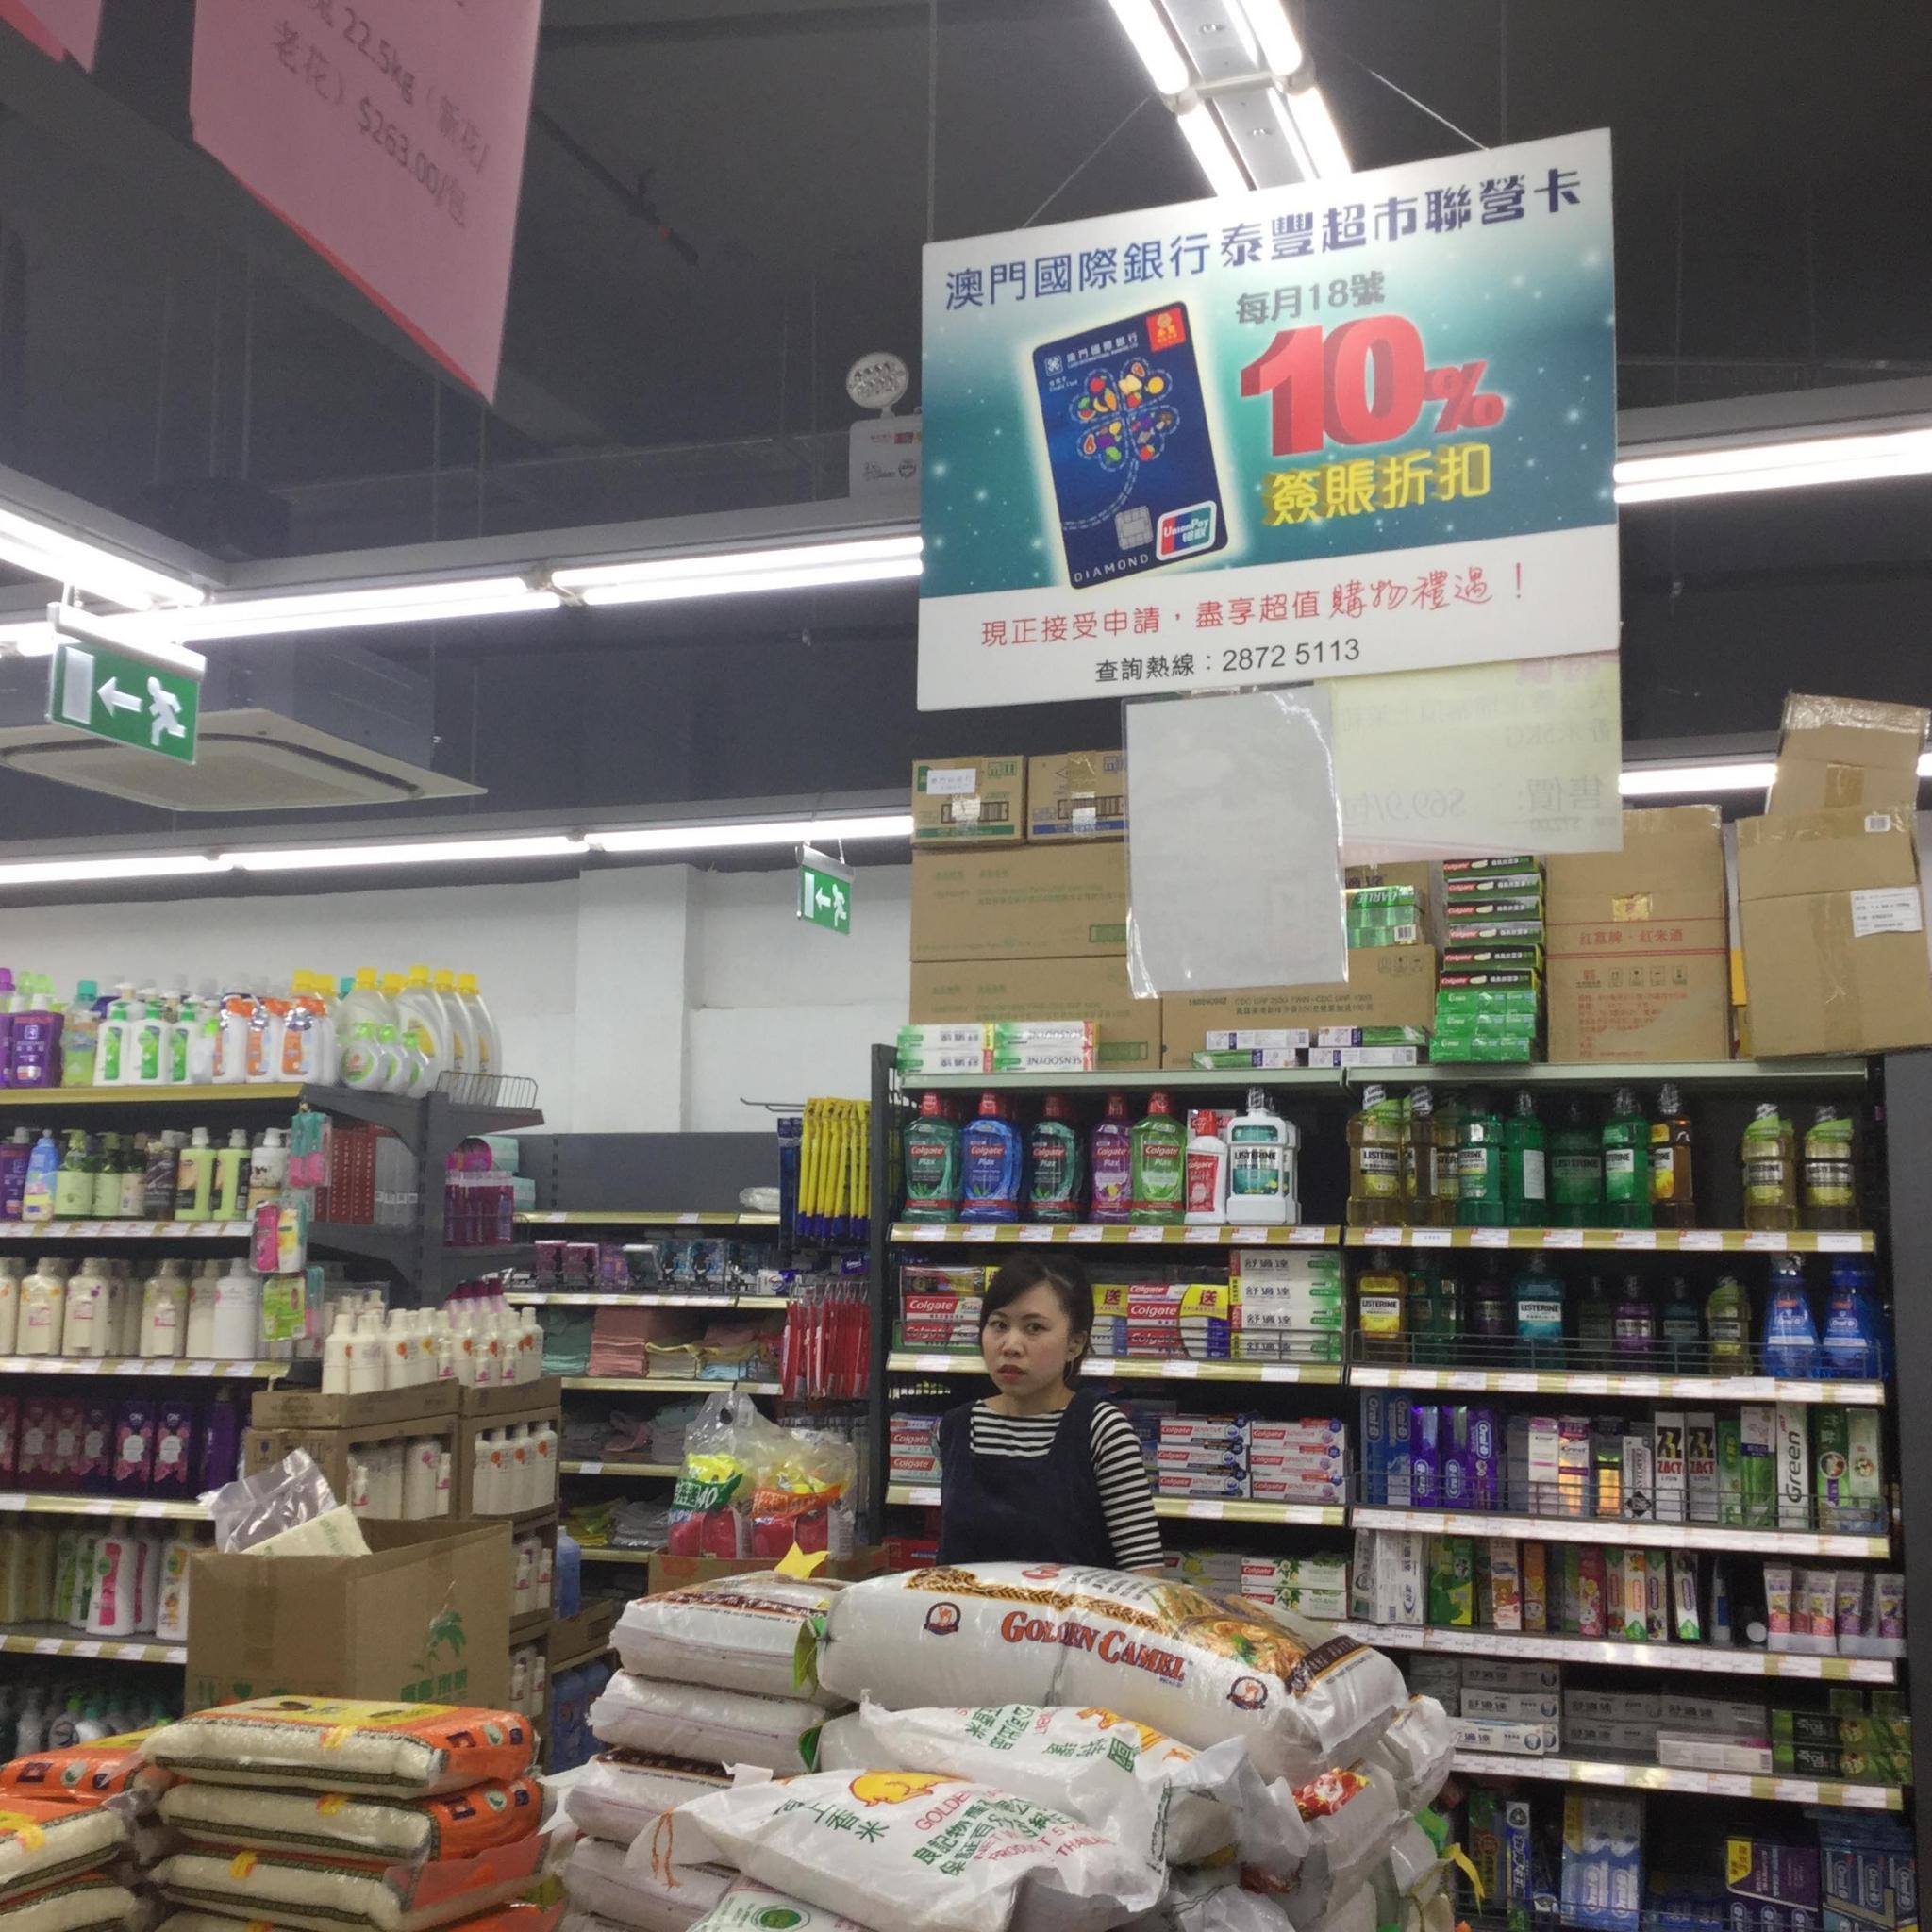 《人人超級市場》演出相片(圖片由作者提供)